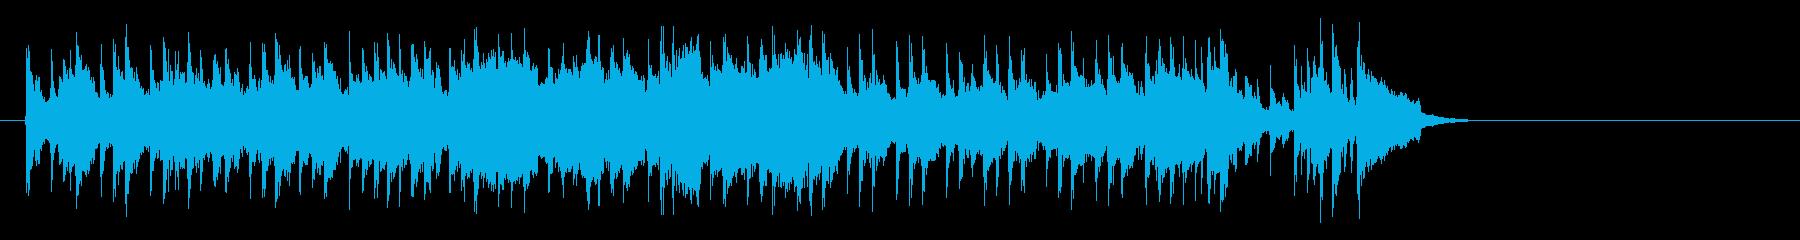 昼下がりの洋風ポップス(サビ~エンド)の再生済みの波形